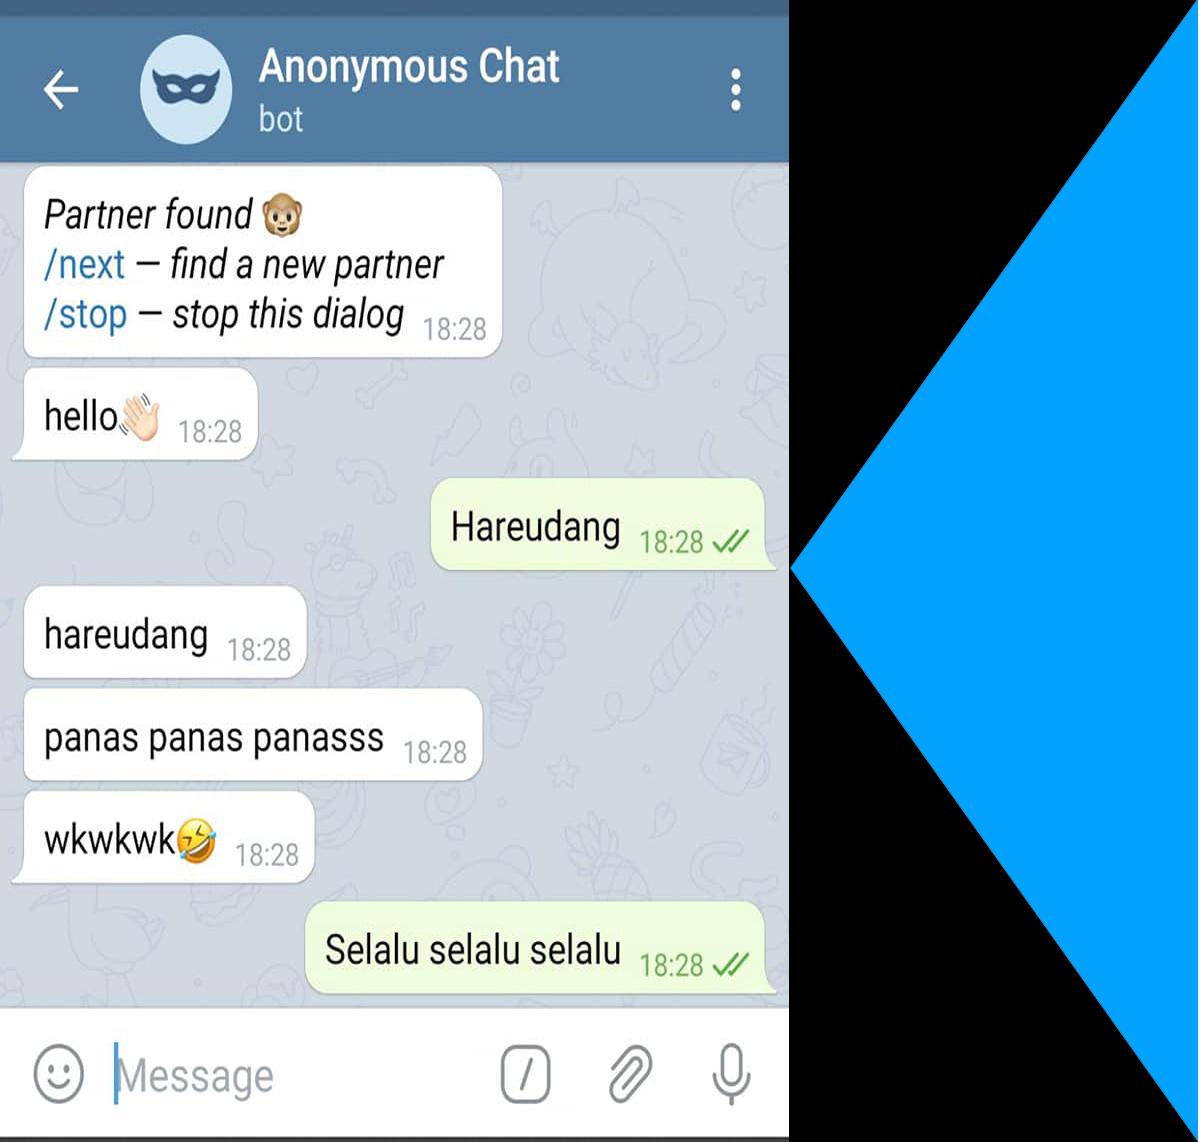 Cara agar banyak yang chat,coba pakai anonxbot bot telegram paling